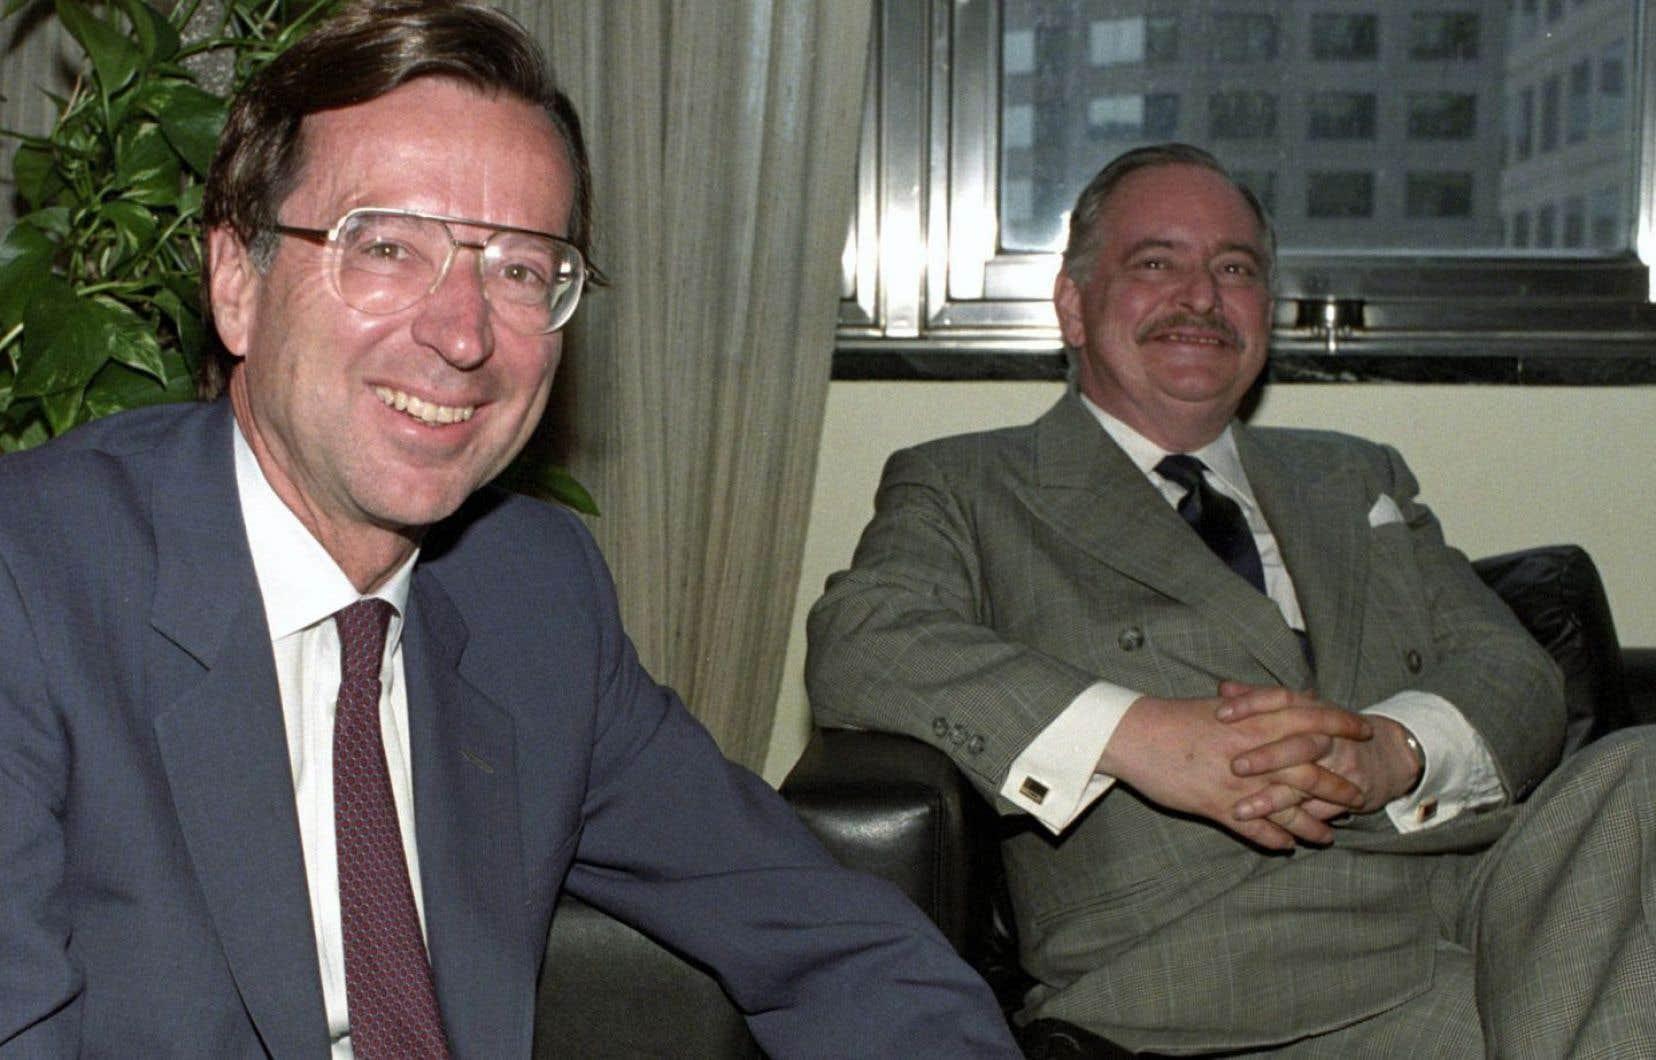 En 1990, après l'échec de l'accord du lac Meech, le premier ministre Robert Bourassa et le chef de l'opposition officielle Jacques Parizeau avaient fait front commun pour défendre les intérêts du Québec. Le déclin du français appelle une réaction semblable, au-dessus de la partisanerie.